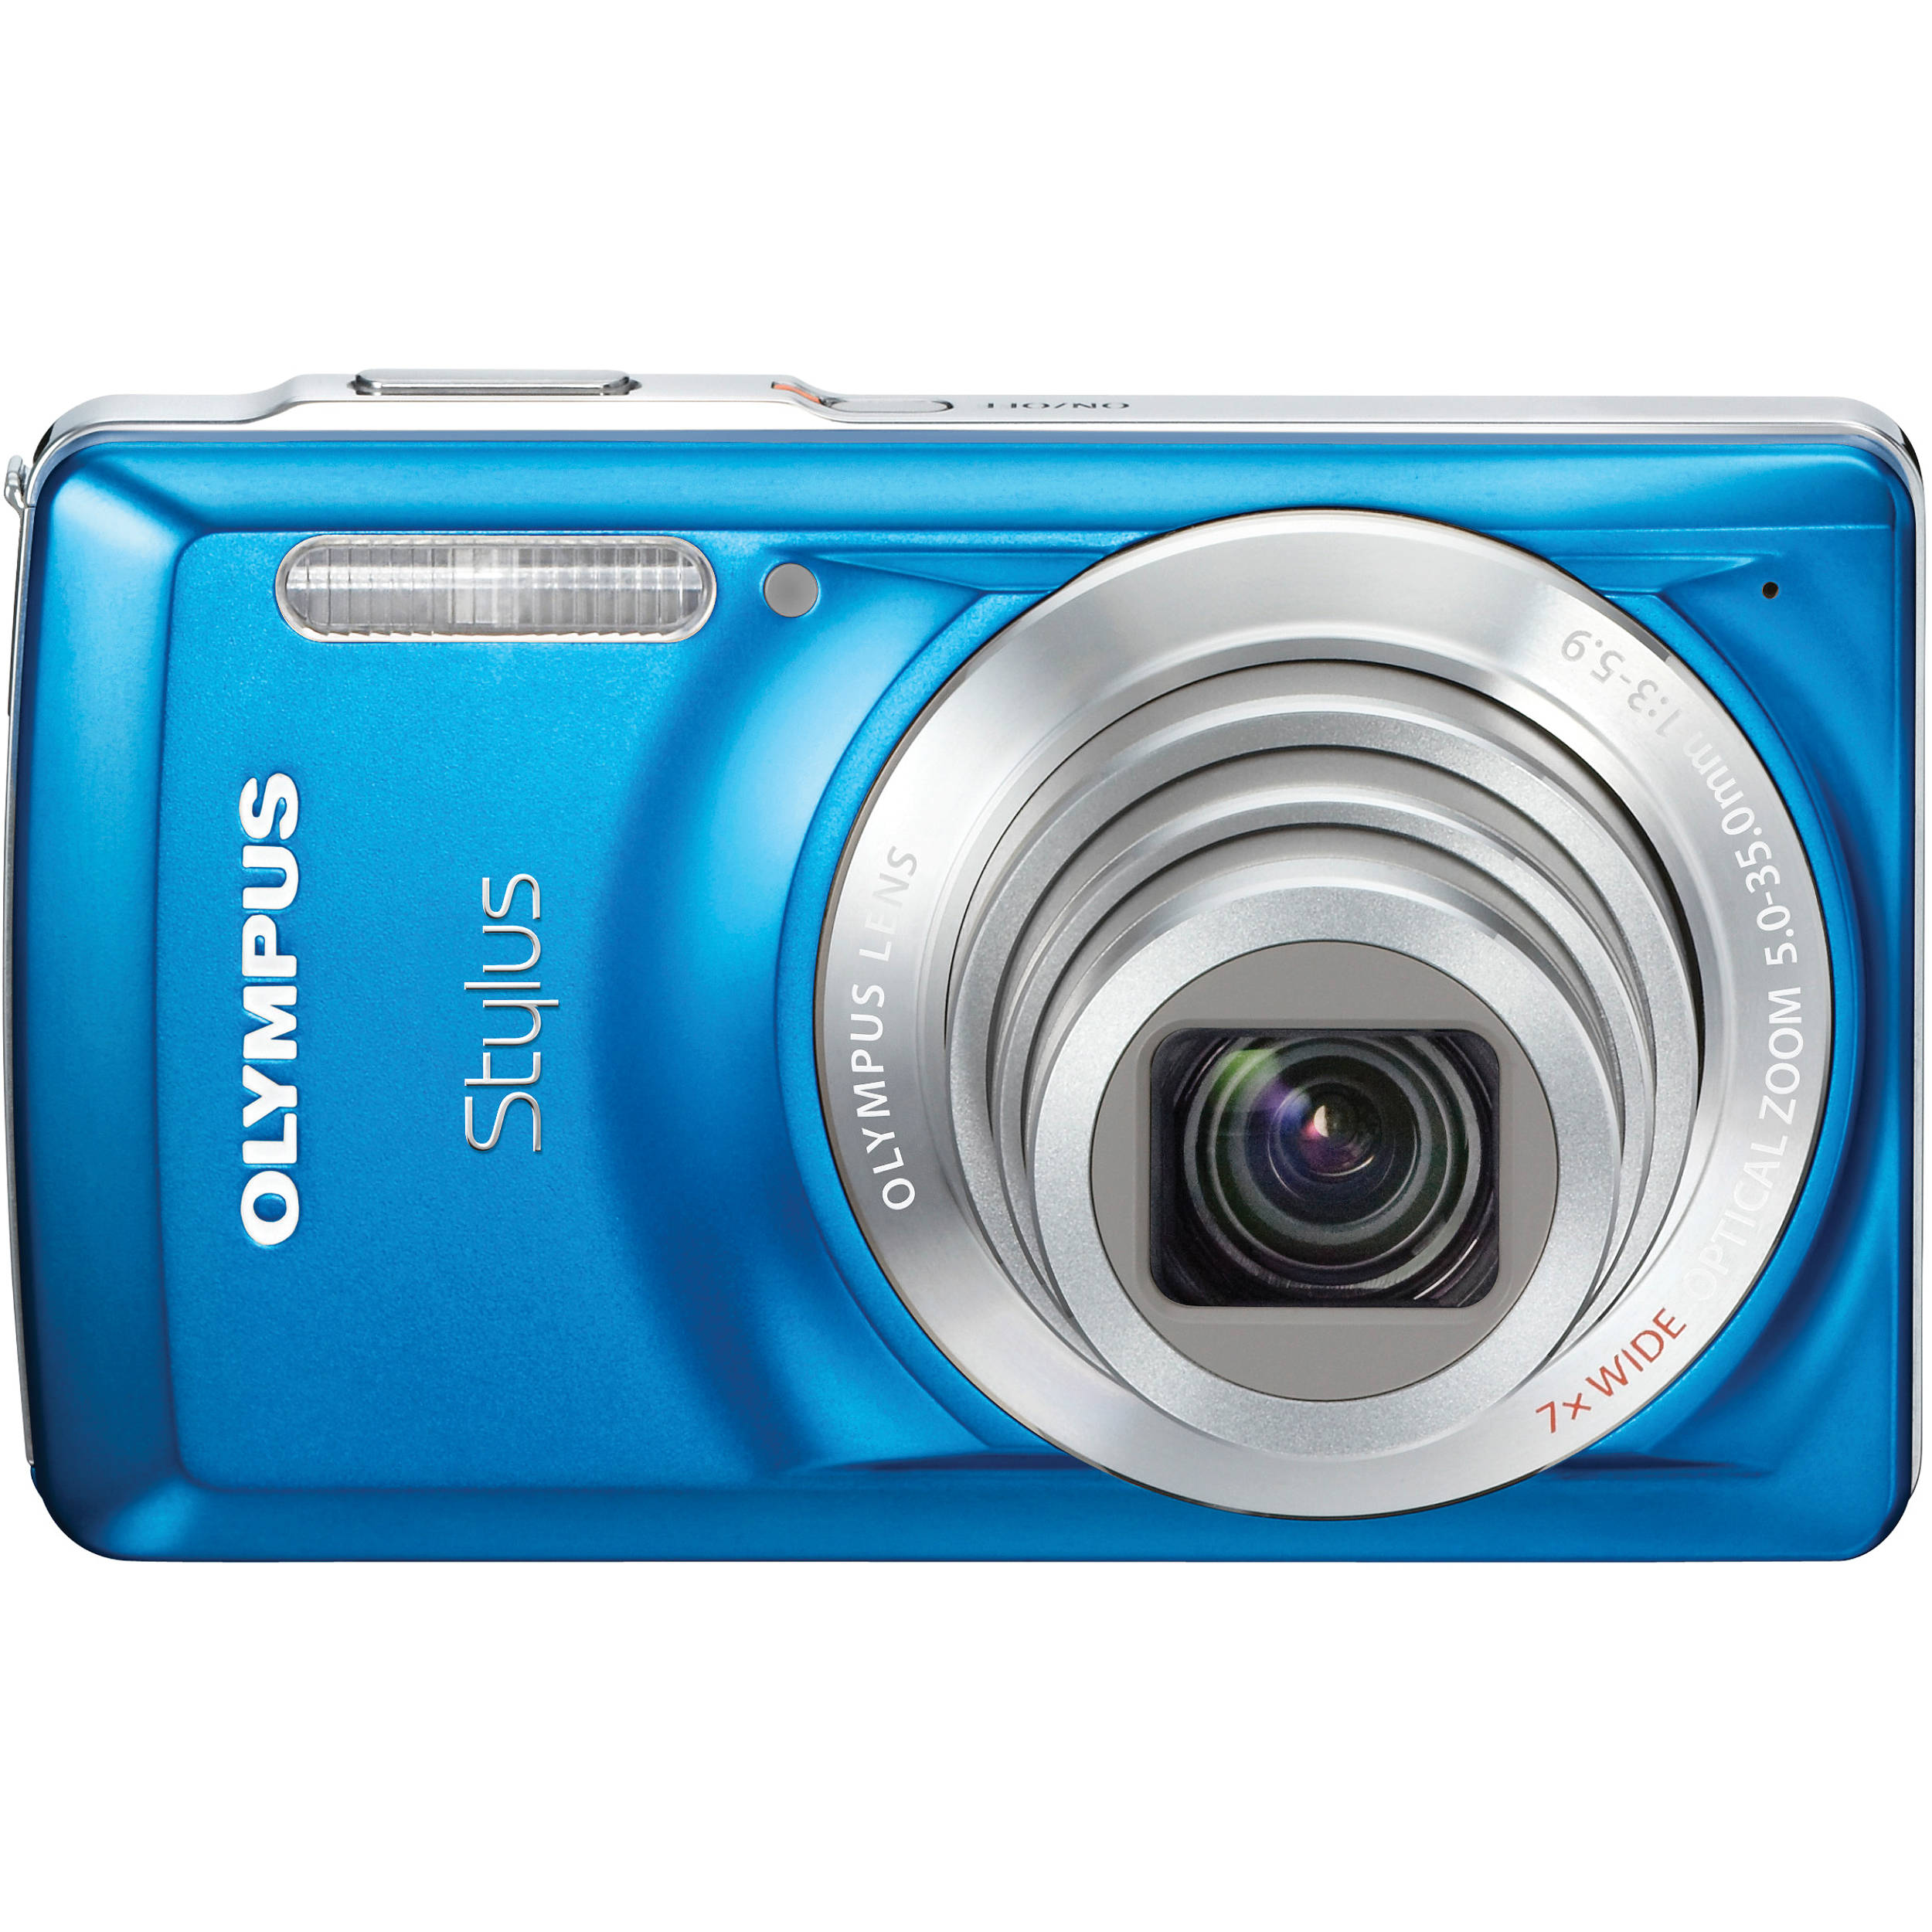 Olympus Digital Camera: Olympus Stylus 7030 Digital Camera (Blue) 227575 B&H Photo